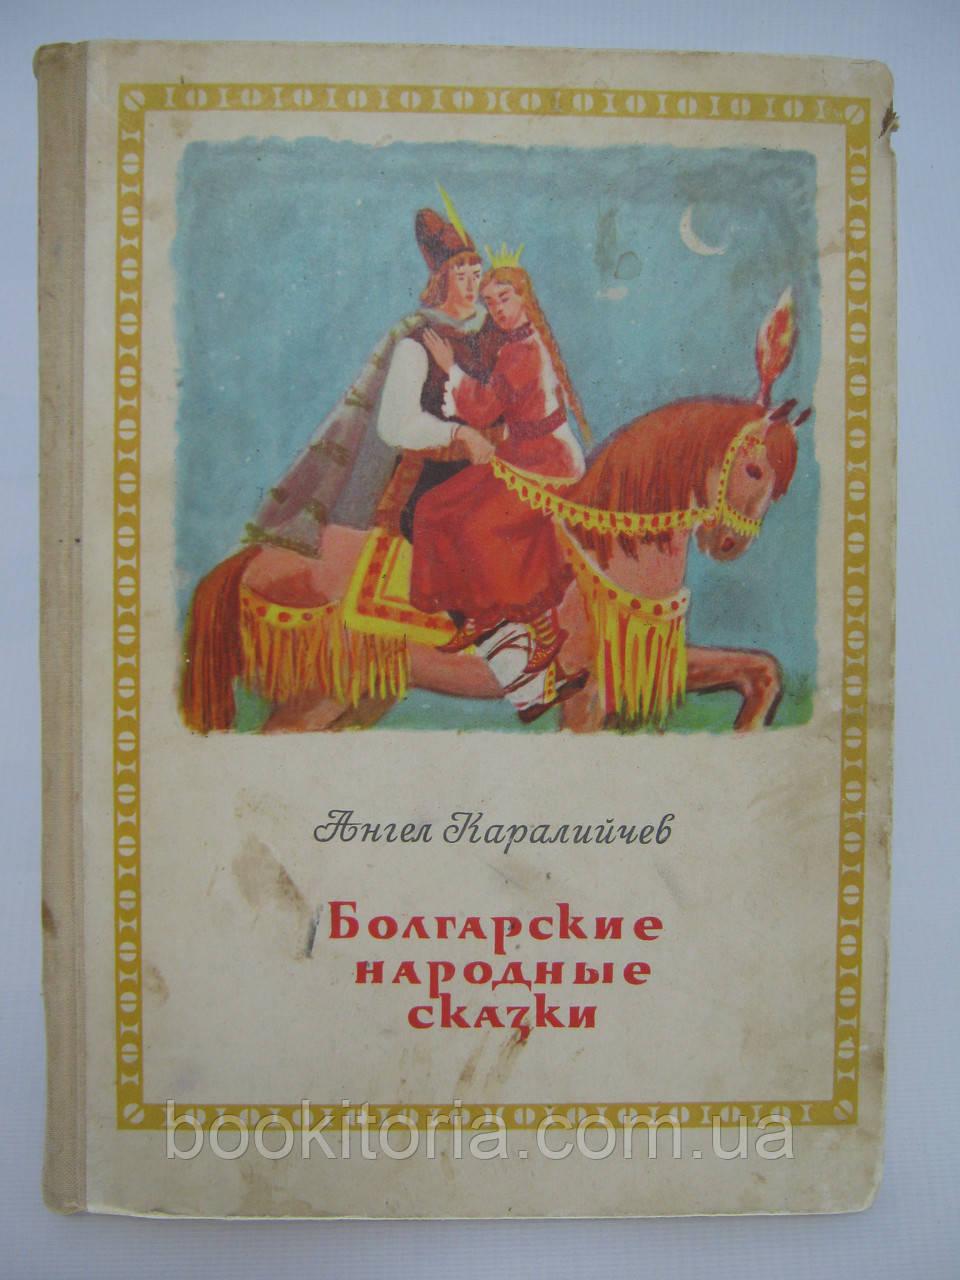 Каралийчев А. Болгарские народные сказки (б/у).